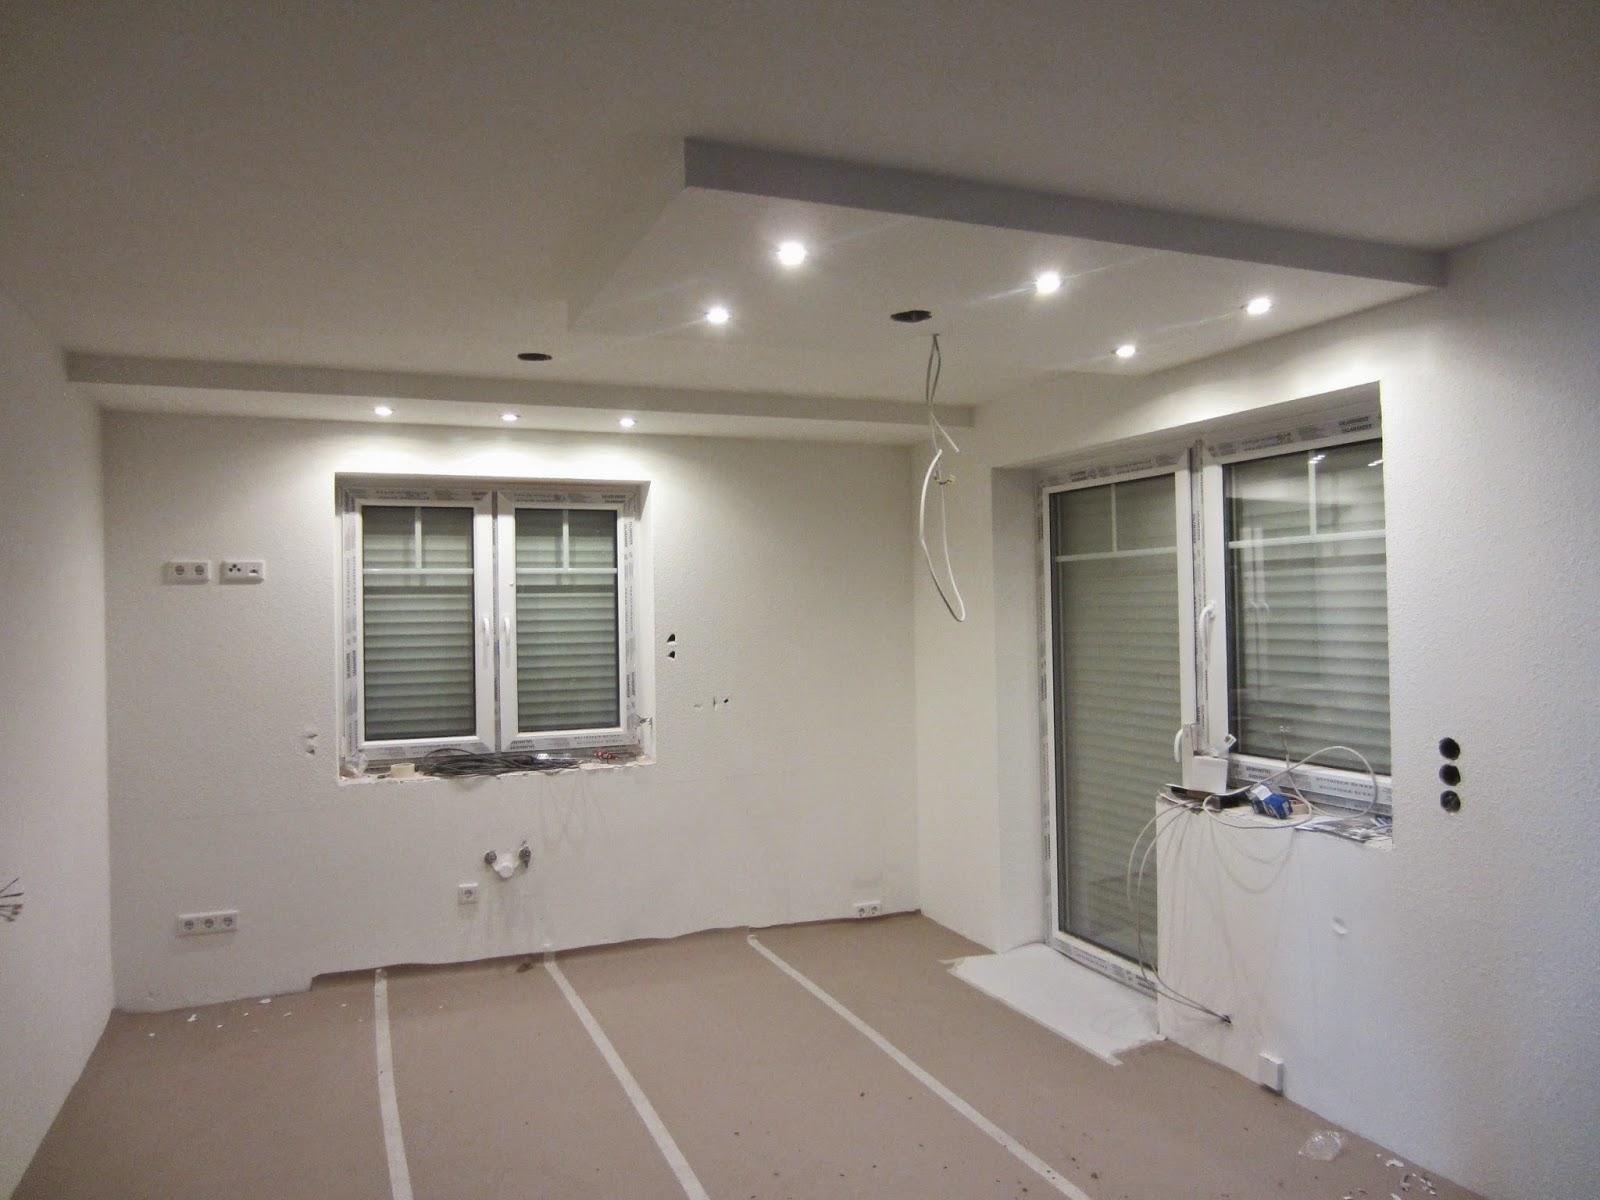 Küchenlampe Decke   Led Lampe Küche Decke Moderne Küchenlampen Decke ...